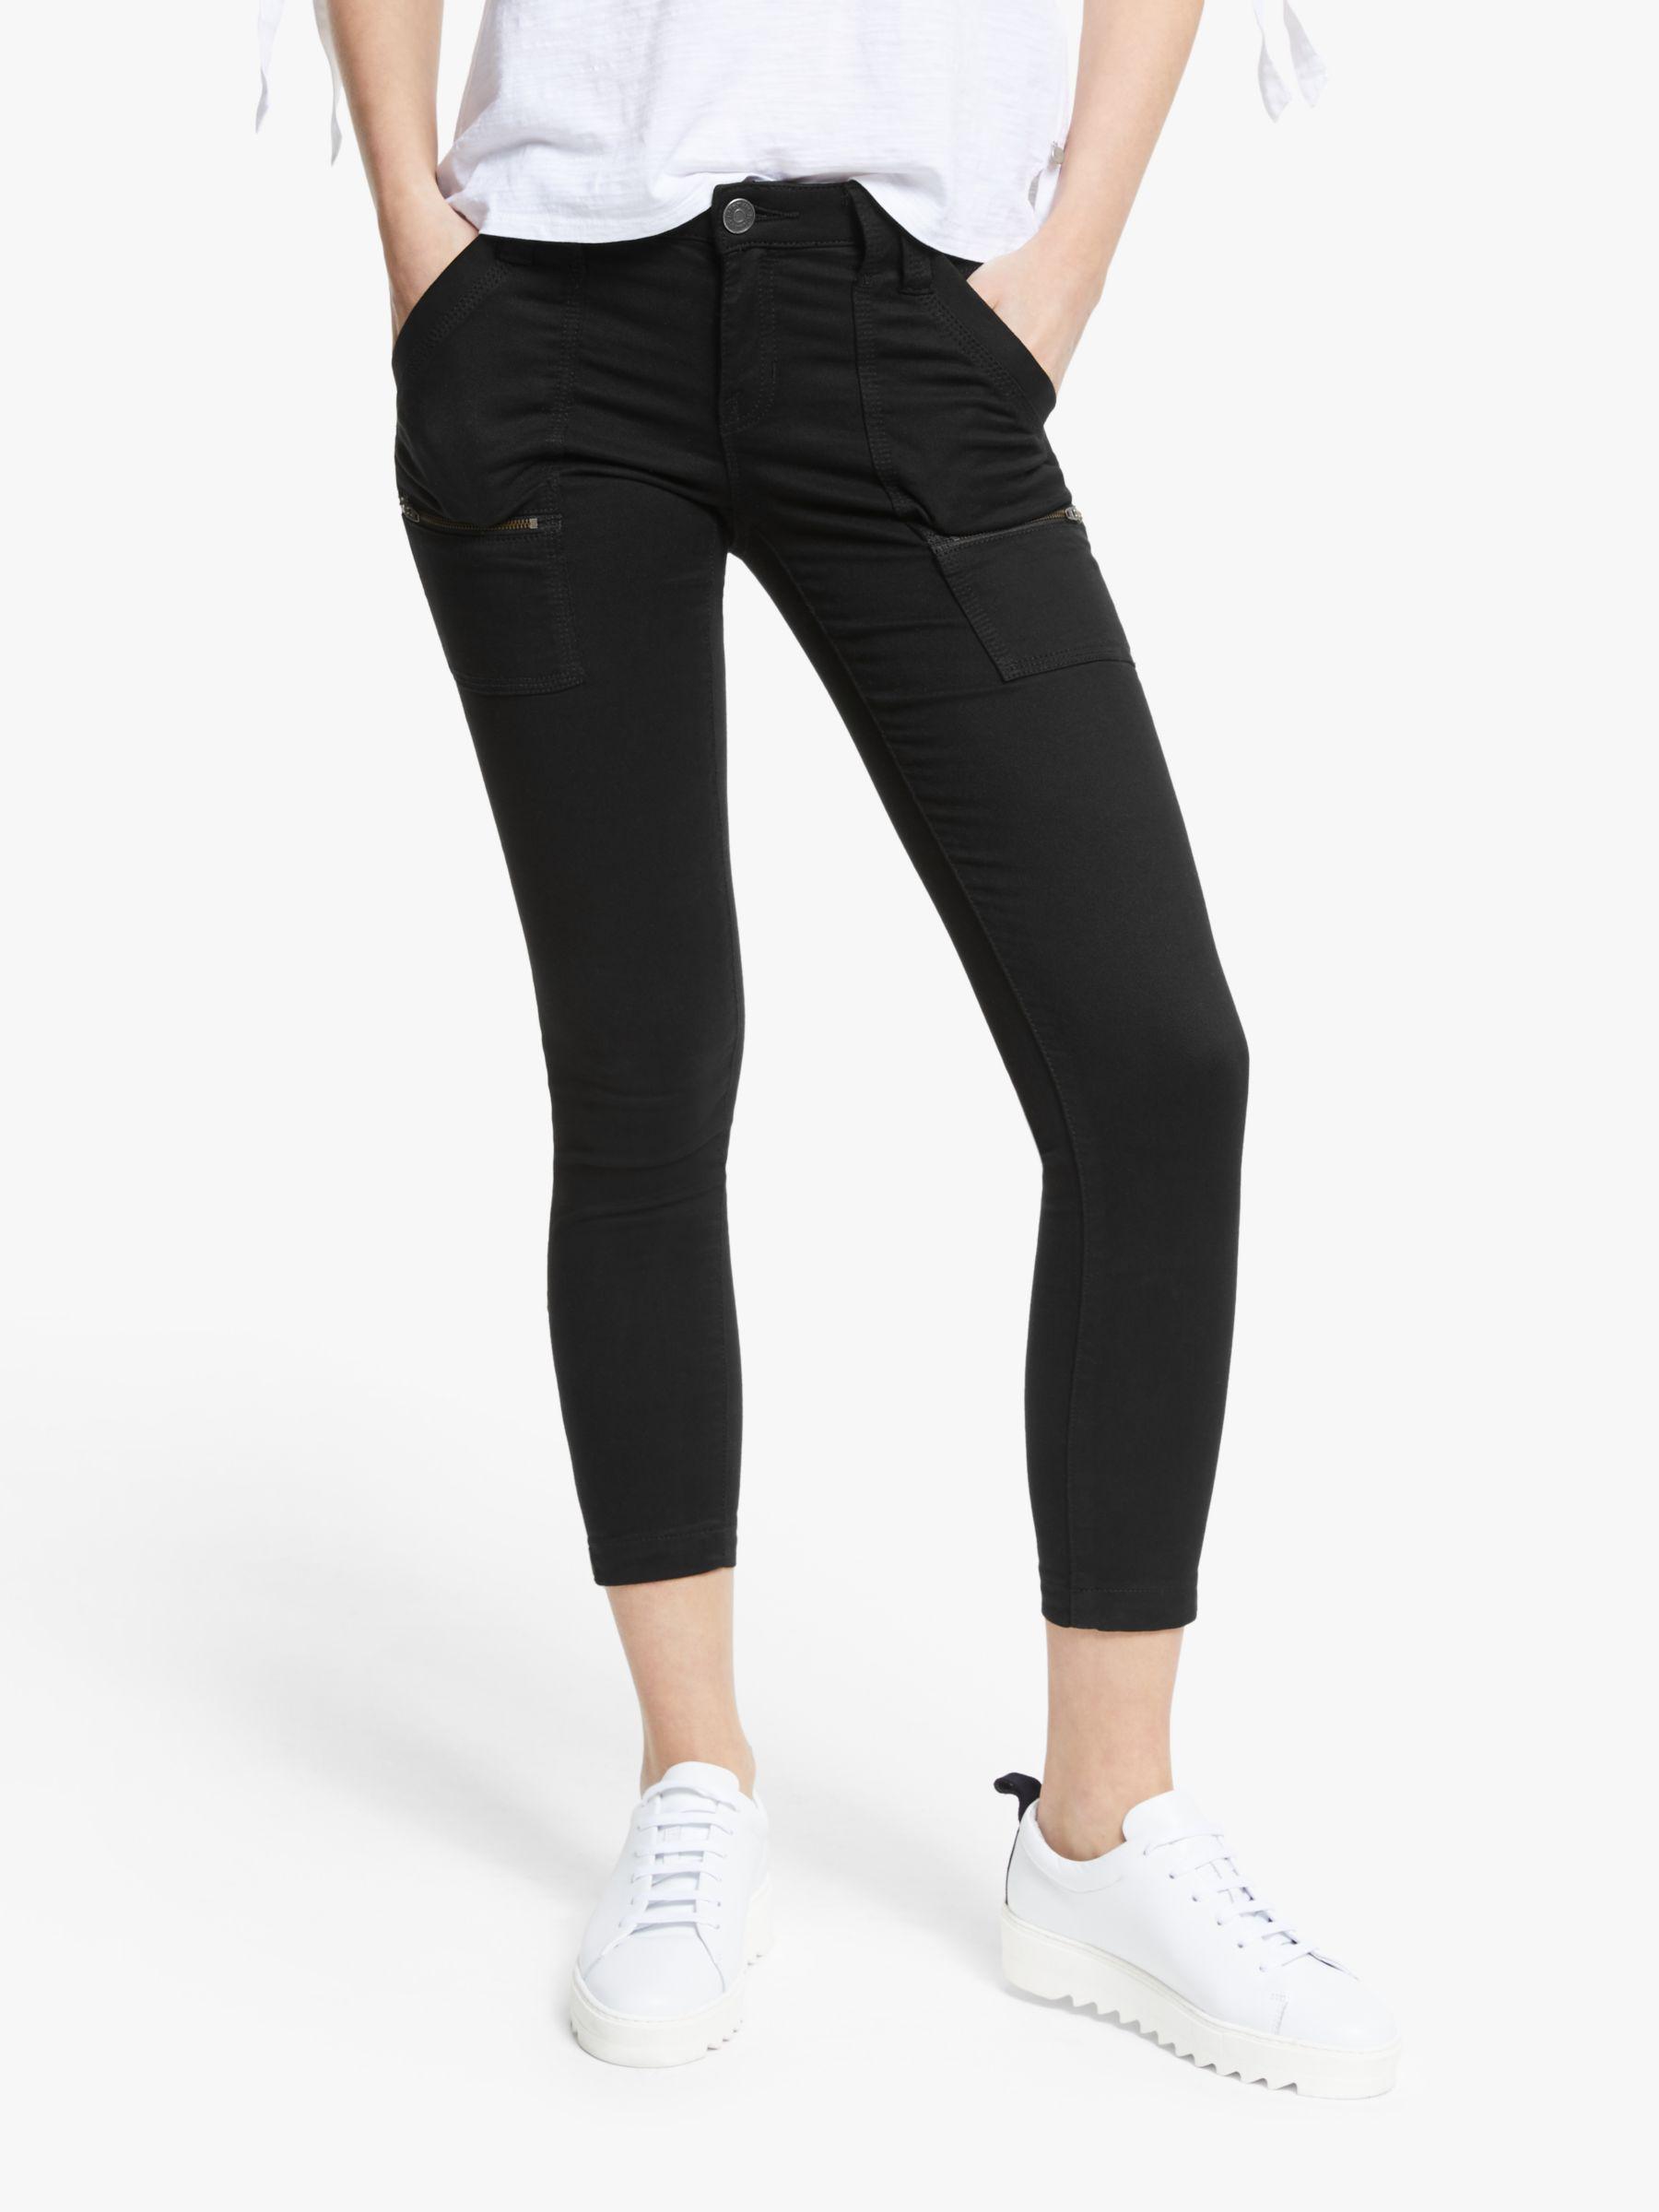 Joie Joie Park Skinny Jeans, Caviar